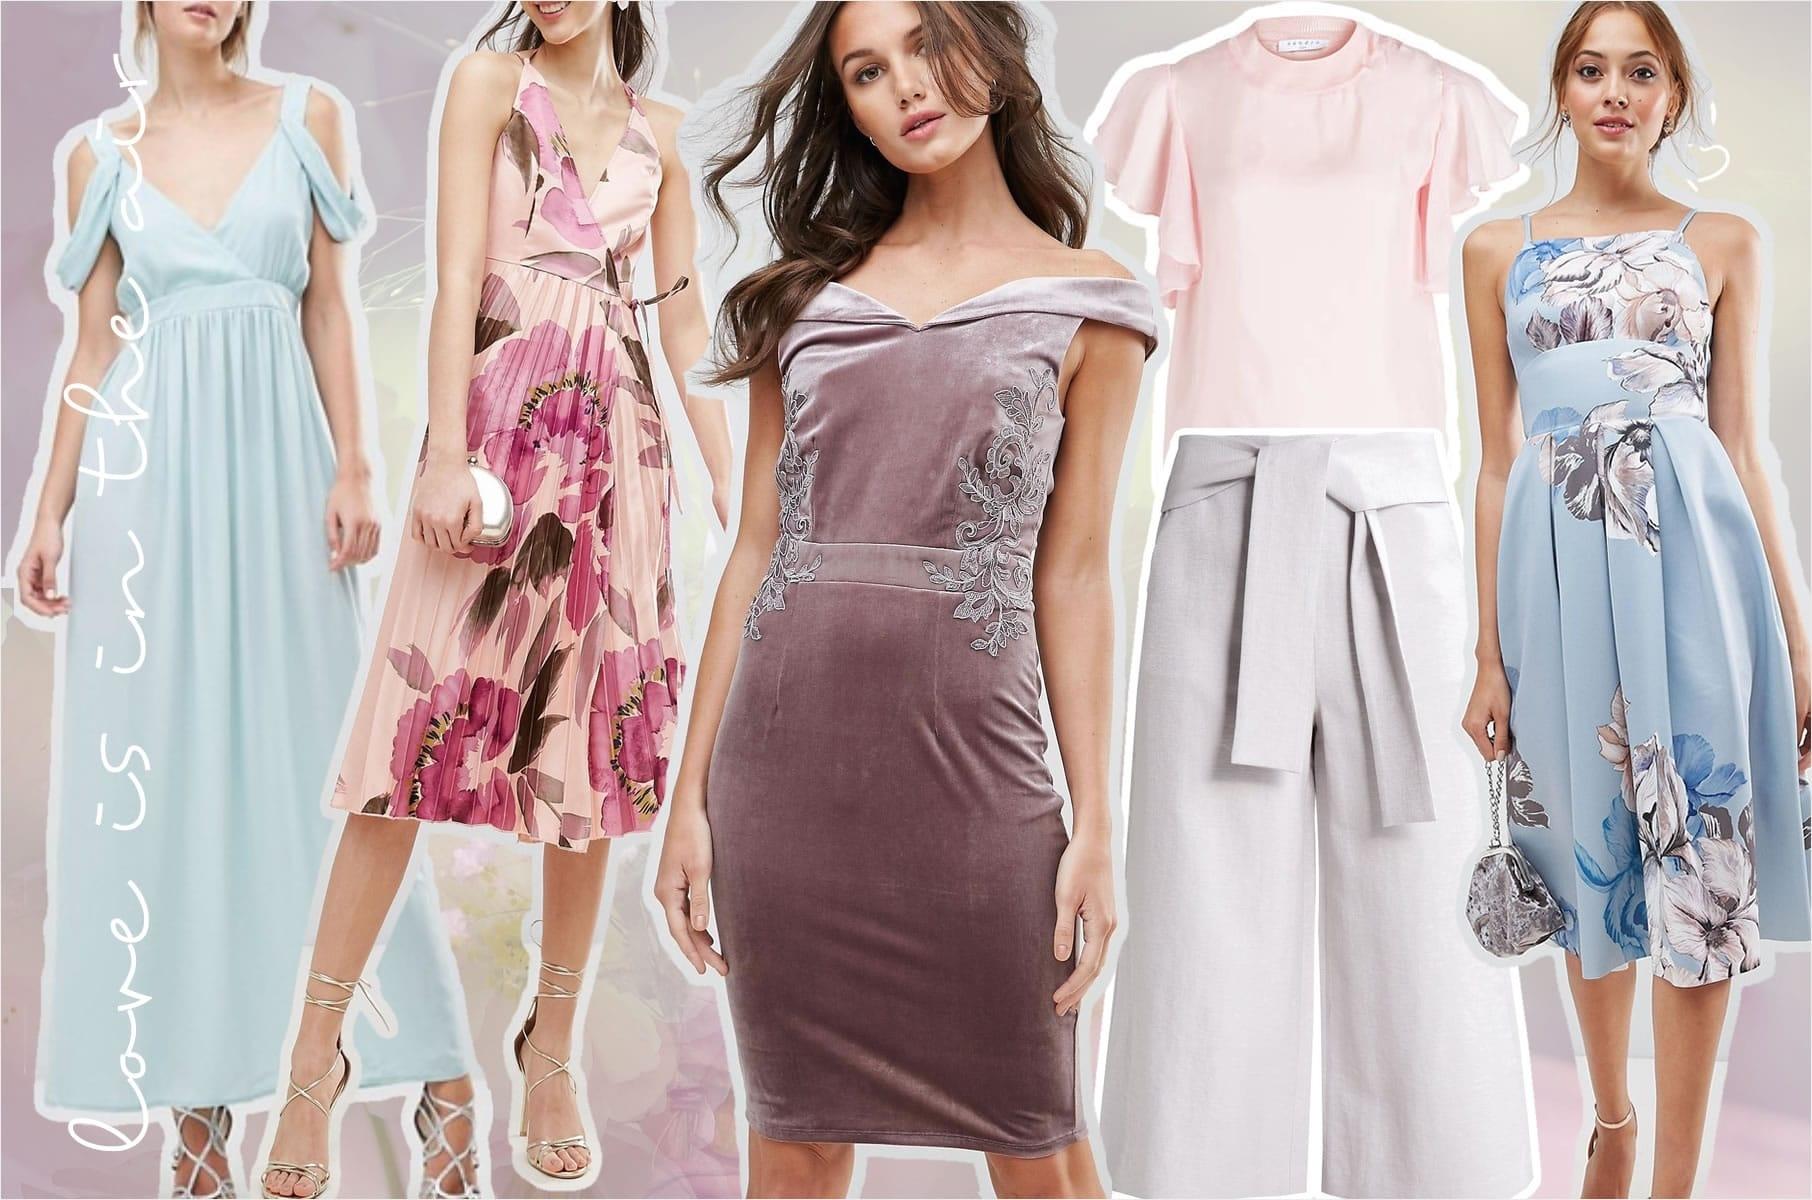 Ausgezeichnet Herbst Kleider Für Hochzeit Stylish - Abendkleid